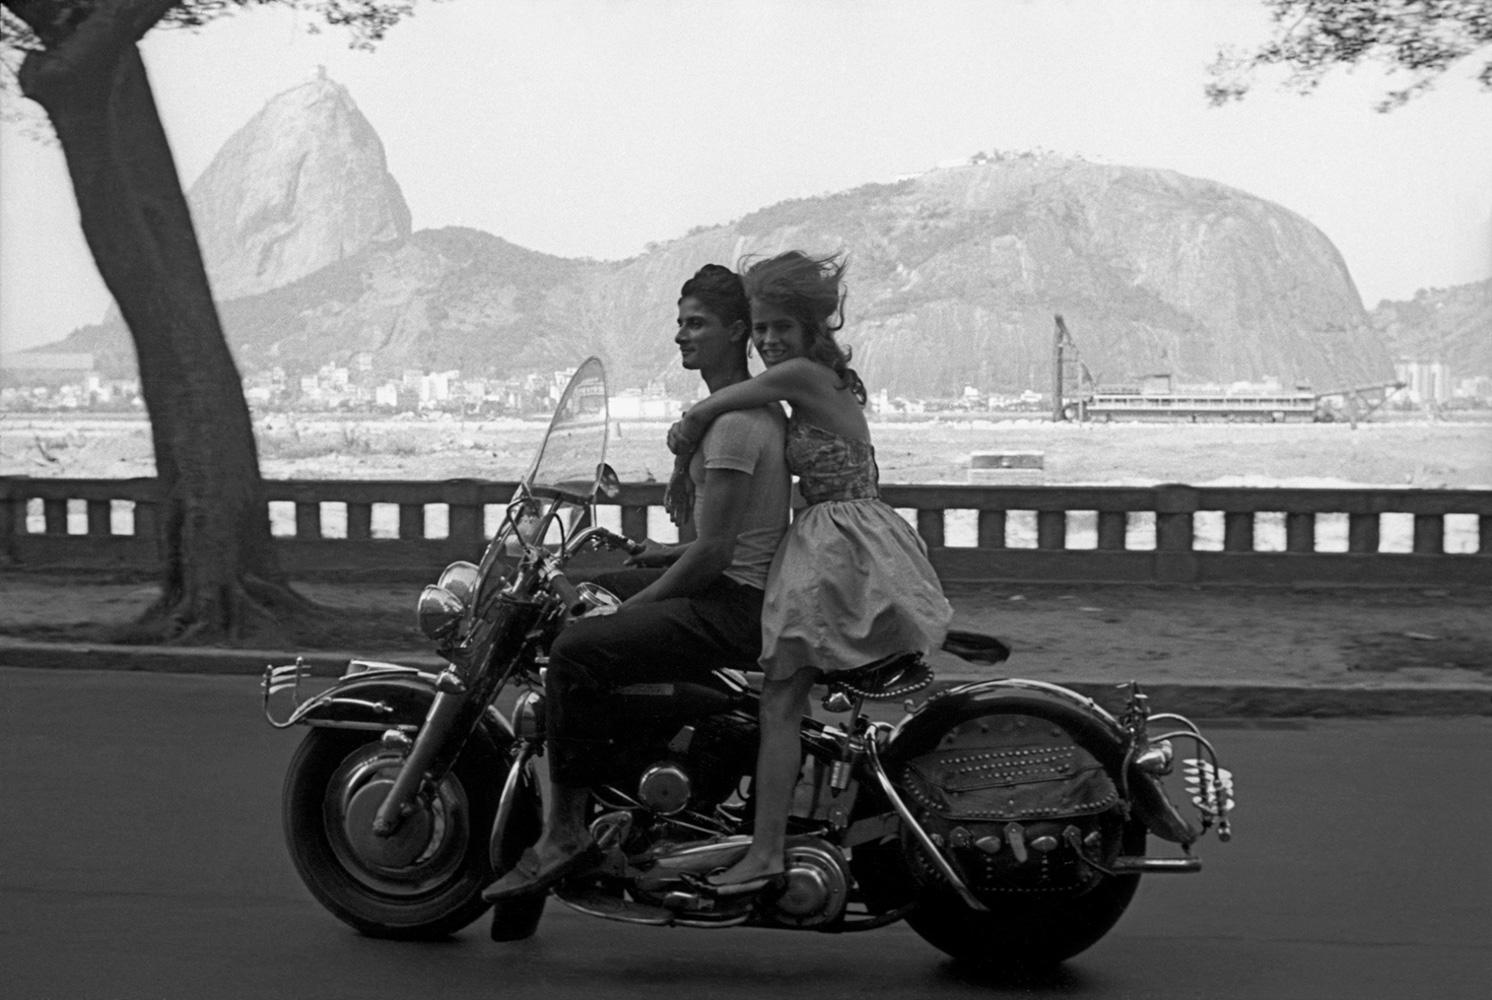 Fotó: Frank Horvat: Rio De Janeiro Couple on a Harley Davidson Bike, 1963 © Frank Horvat